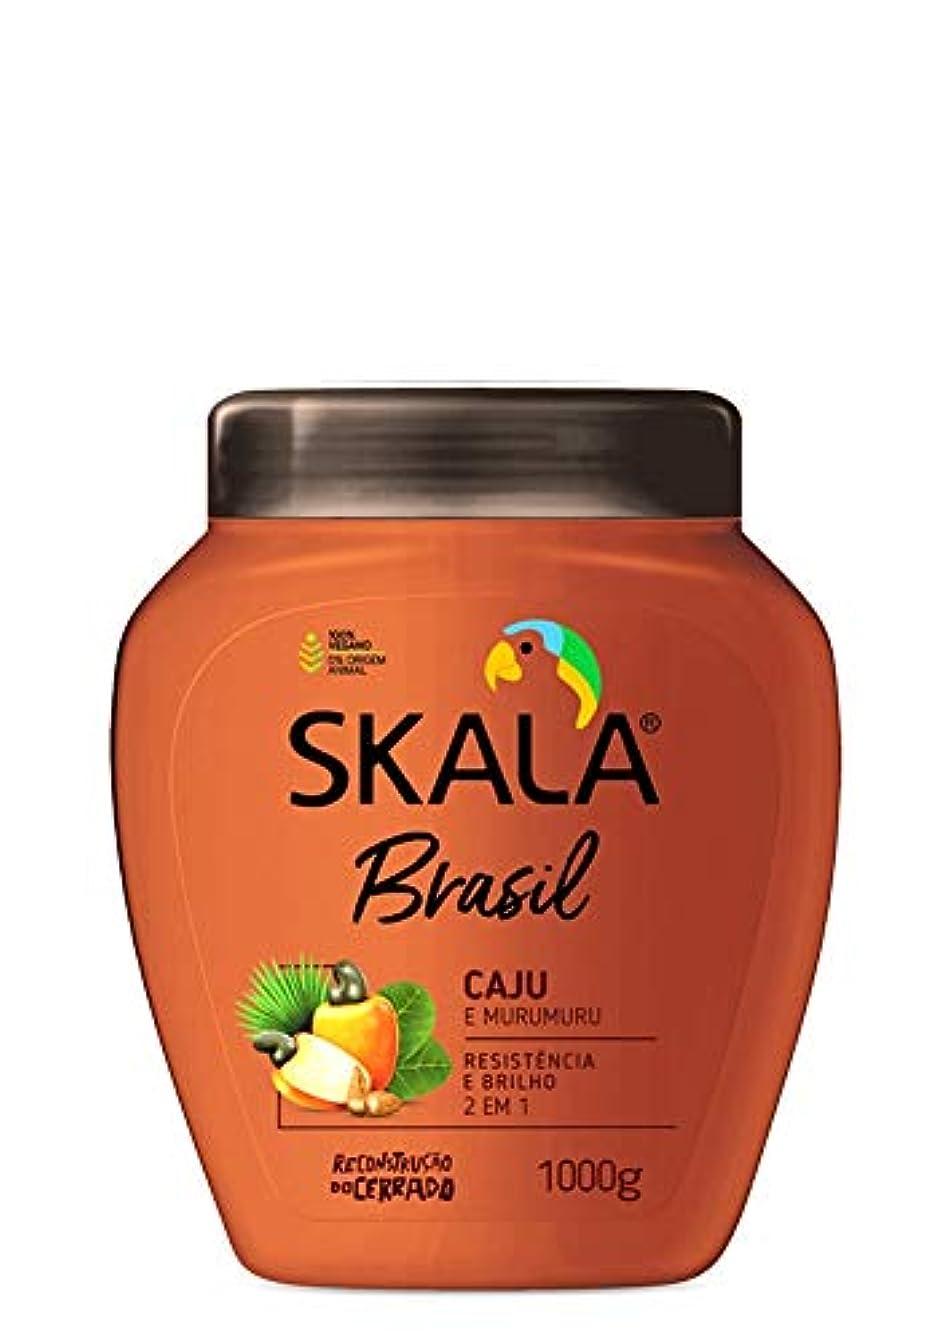 暗いトライアスロン限定Skala Brasil スカラブラジル カジュ&ムルムル オールヘア用 2イン1 トリートメントクリーム 1kg